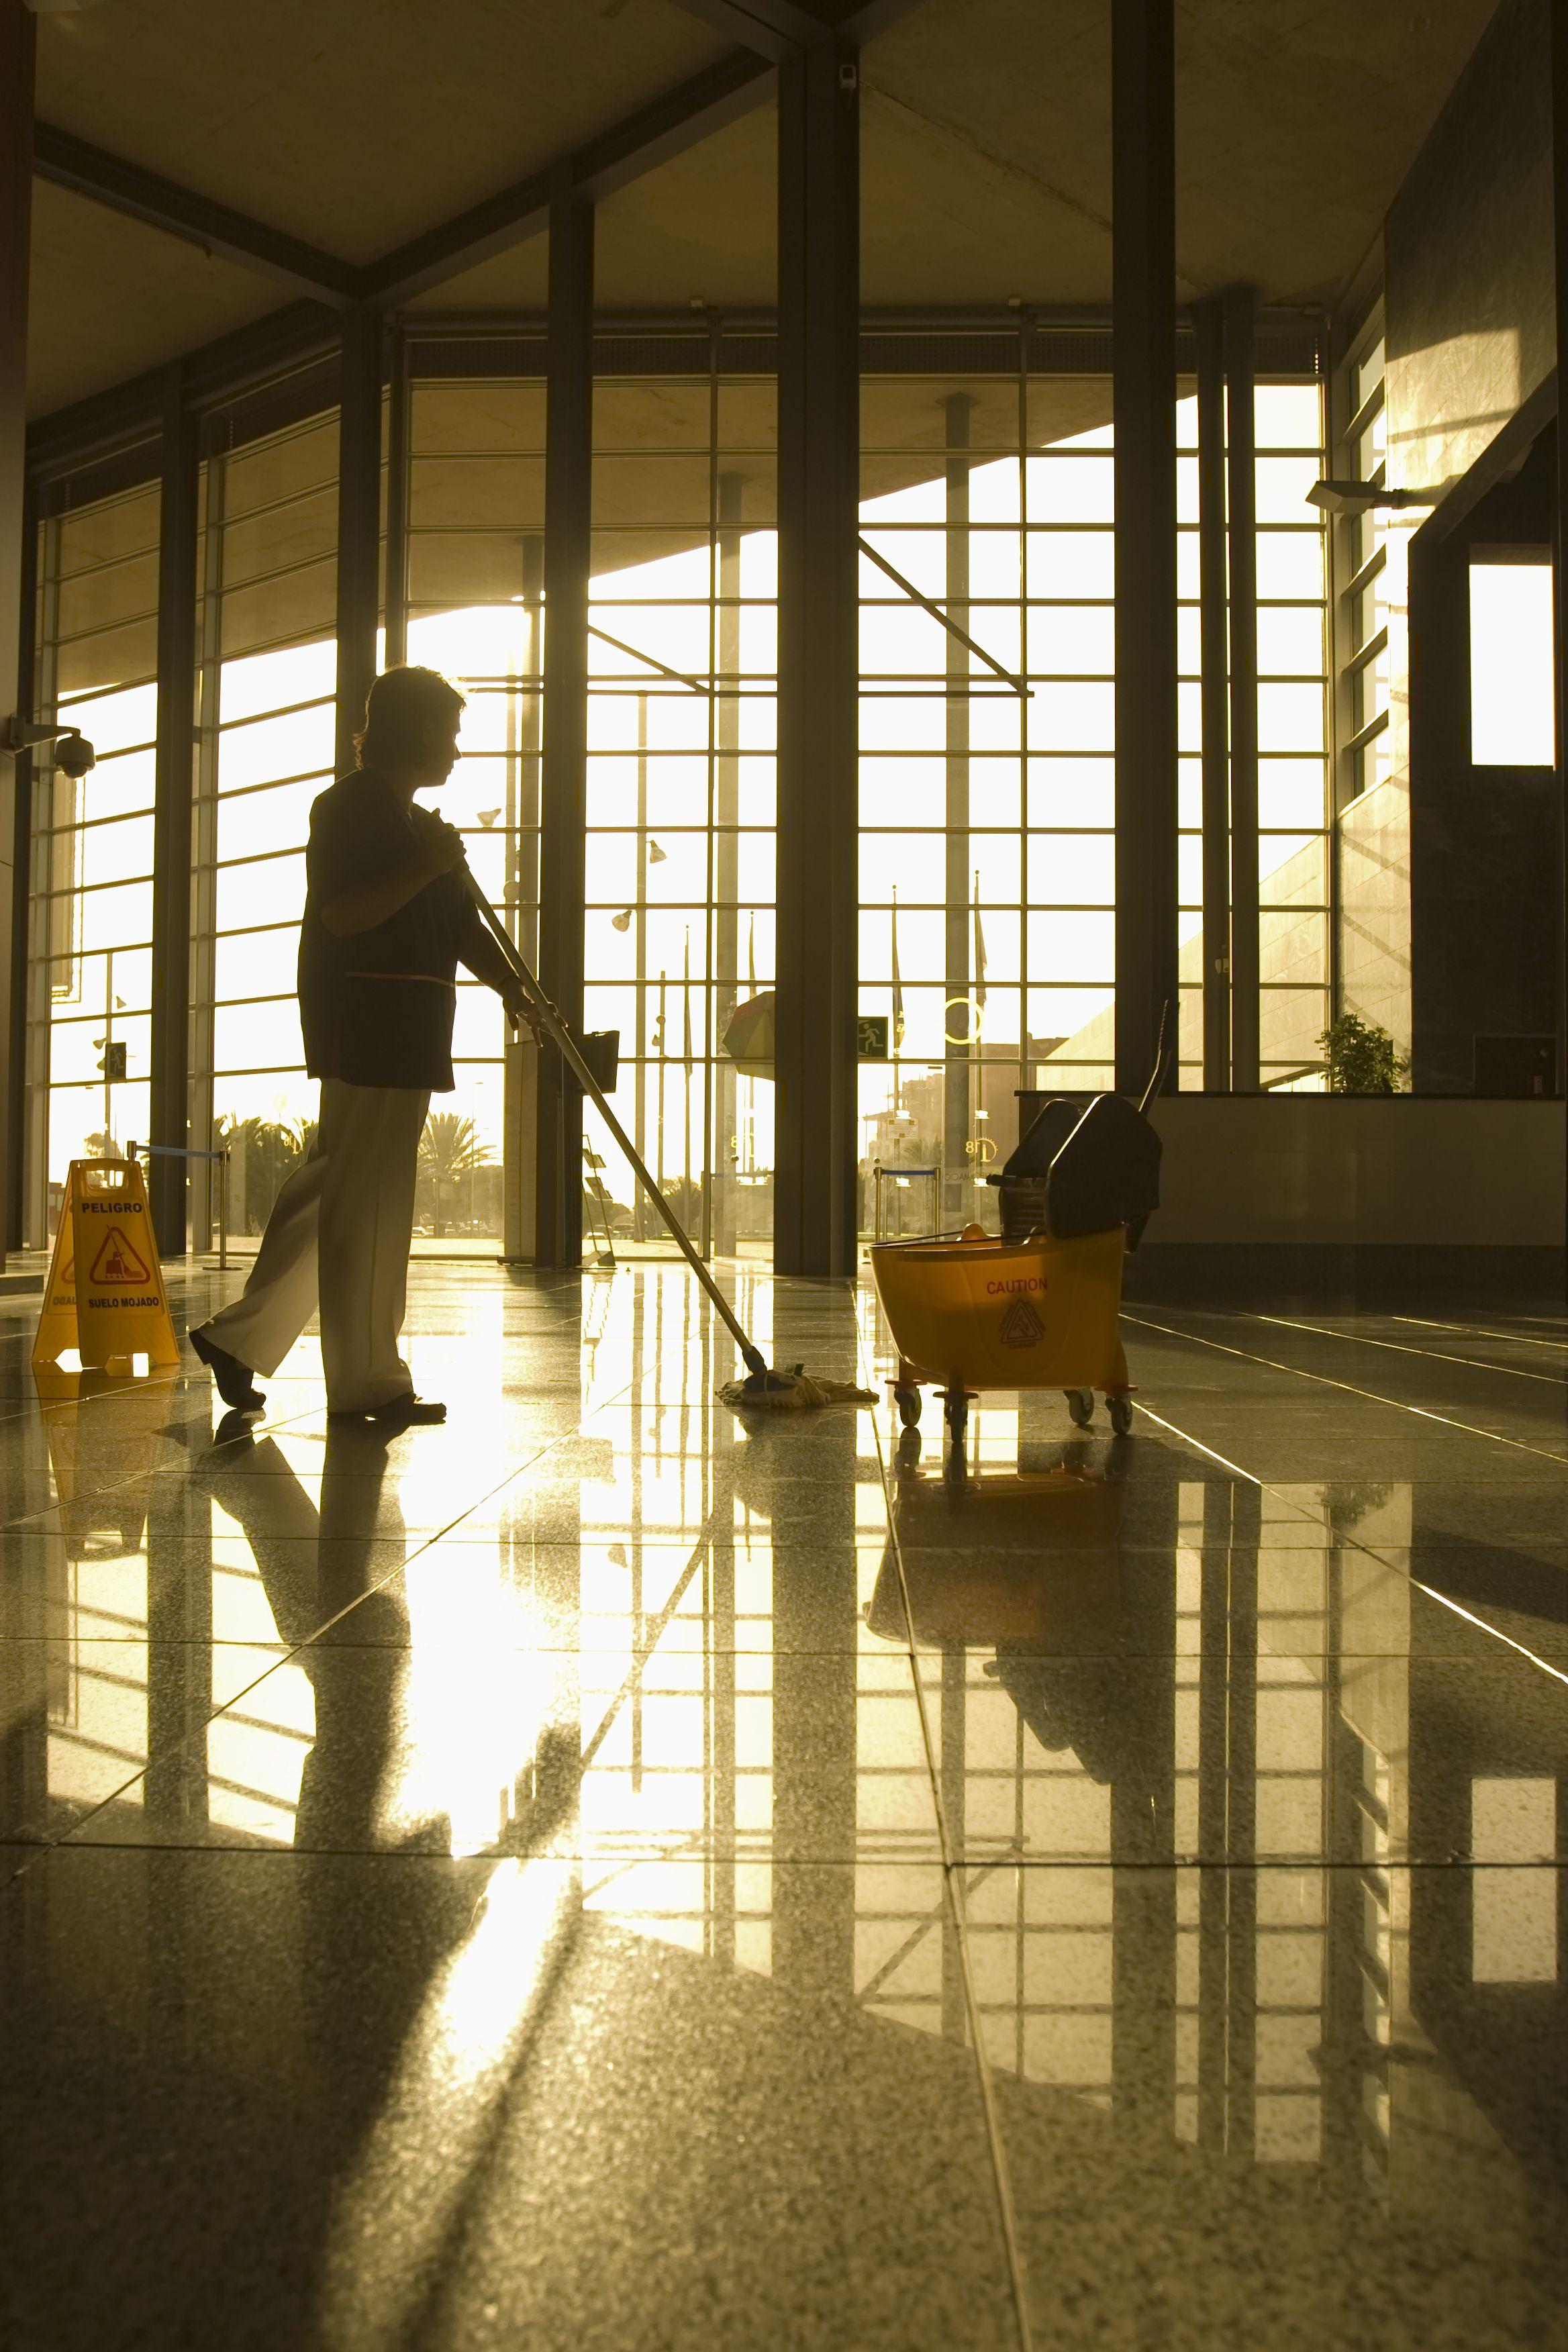 Limpieza y conserjería: Servicios de Reparación Directa